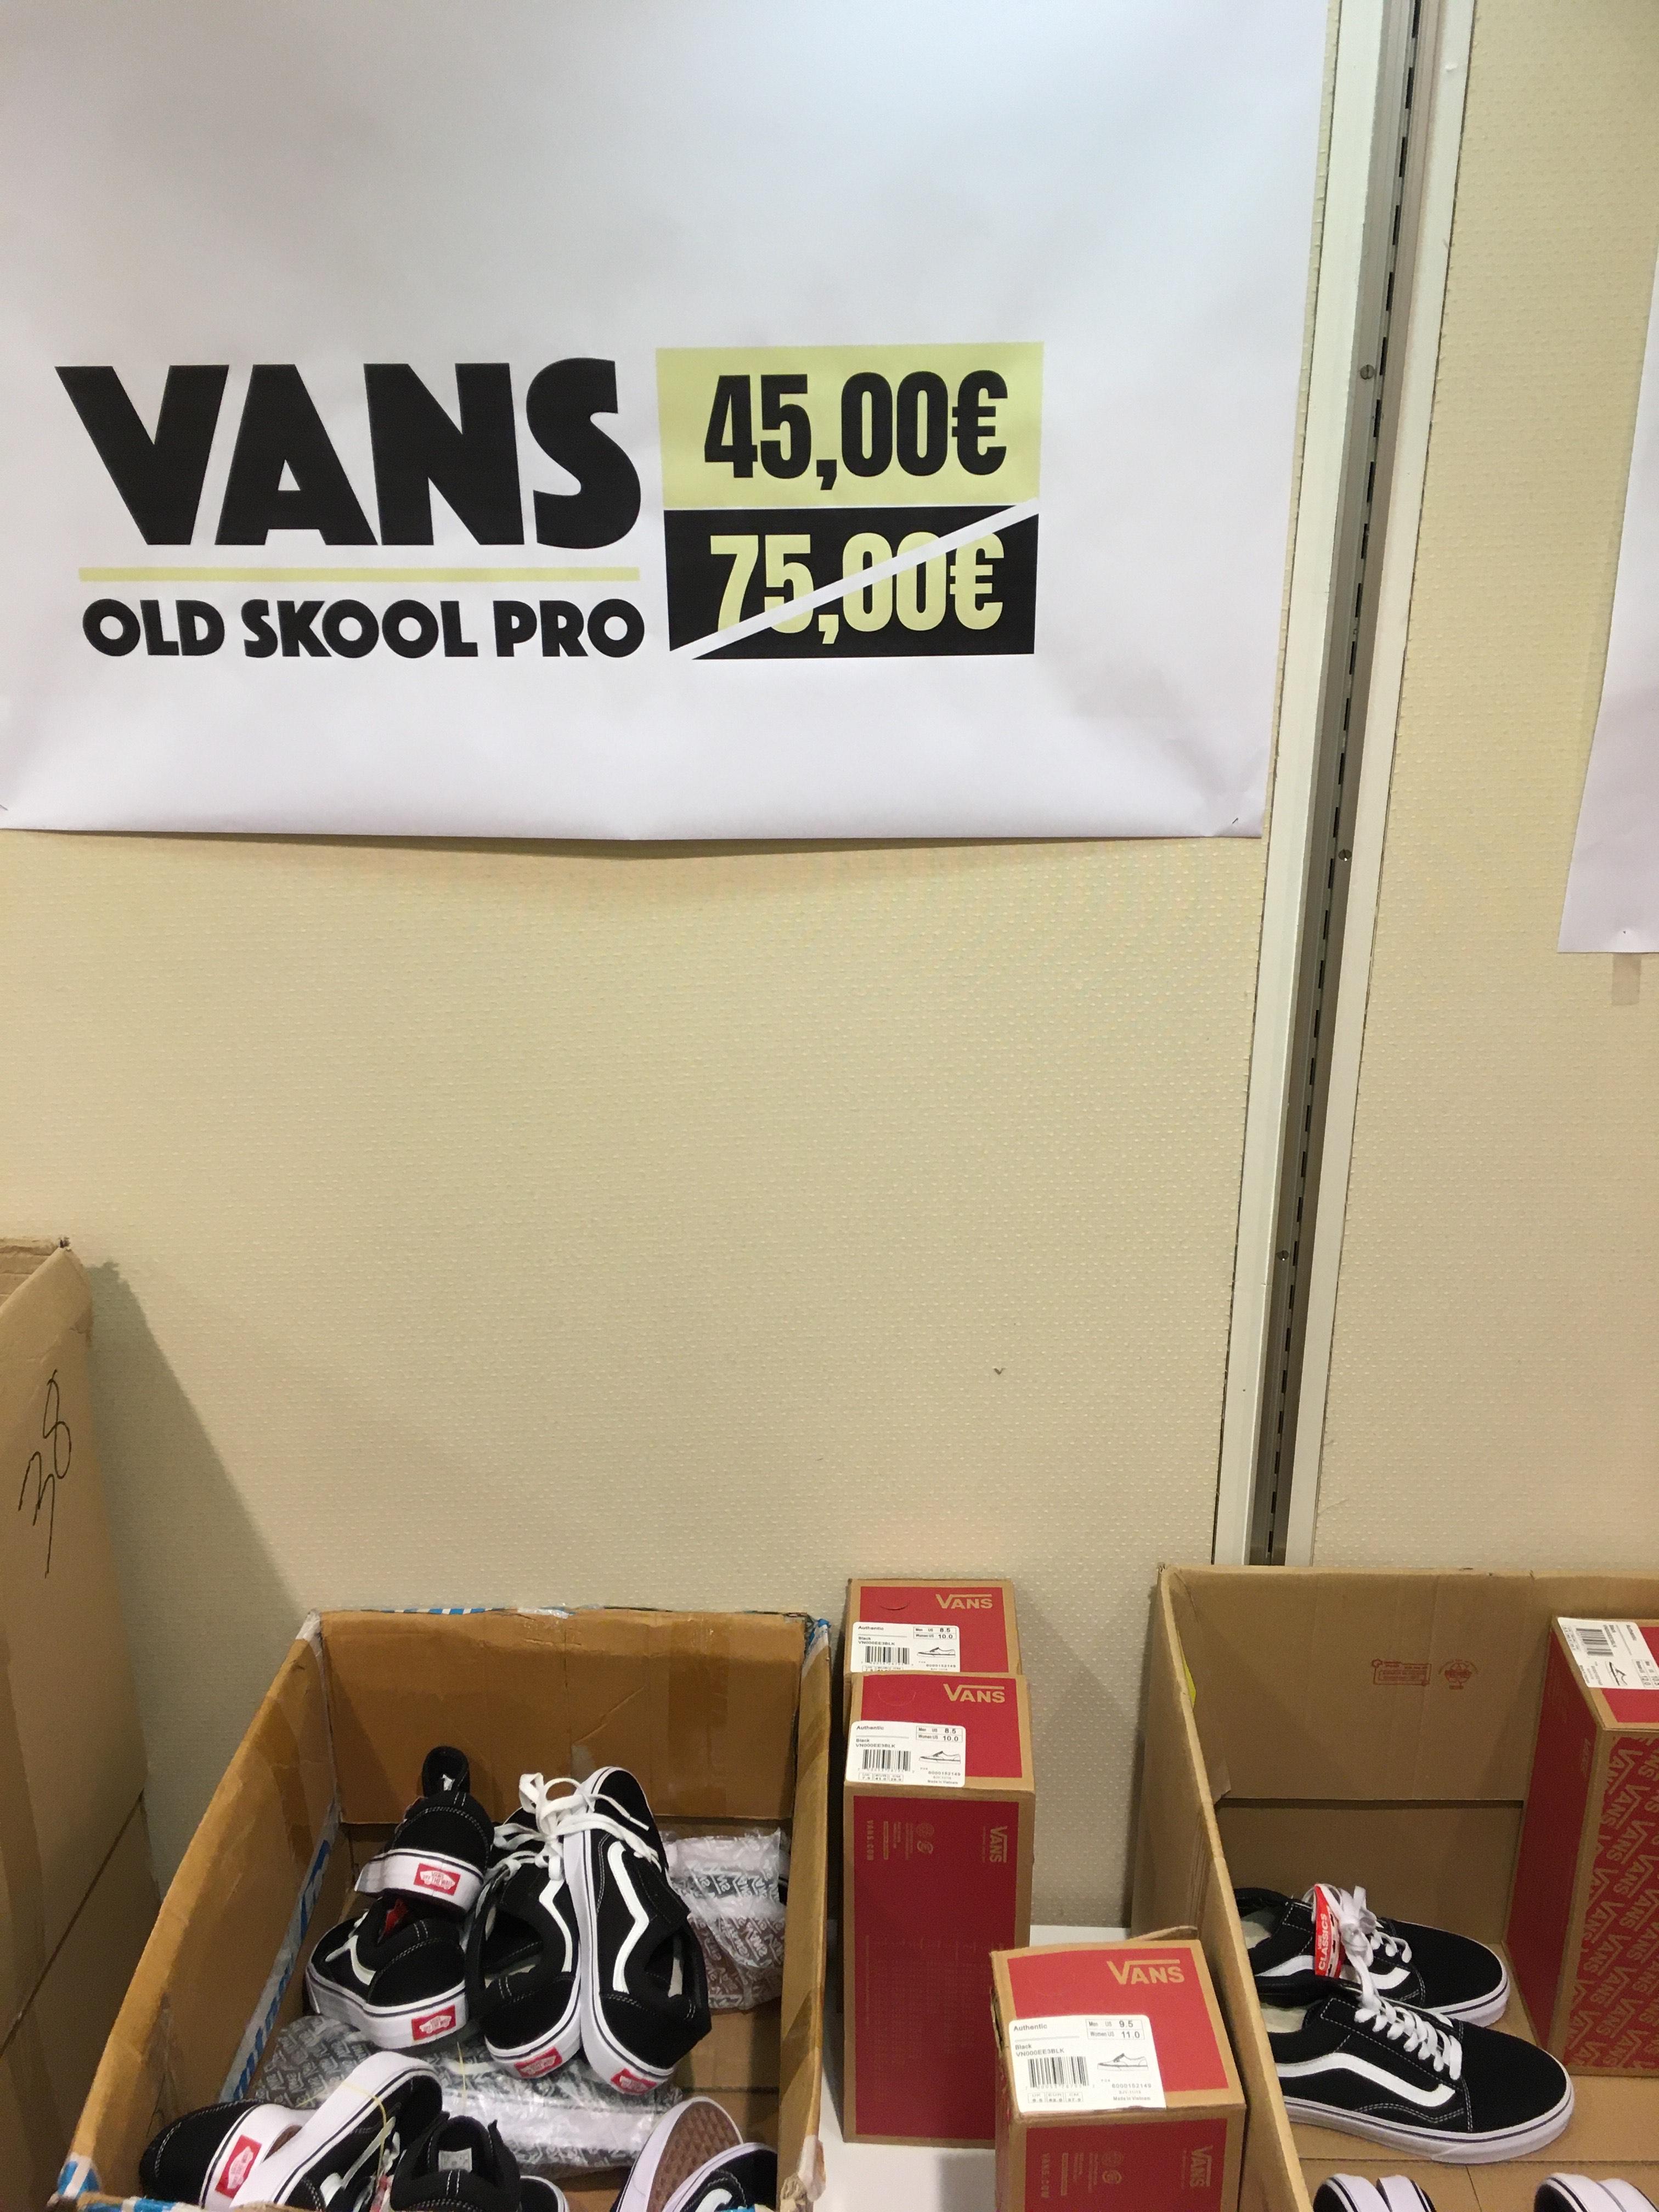 Chaussures Vans Old Skool Pro - Tailles au choix, Noir (Hôtel des marques Limoges - 87)